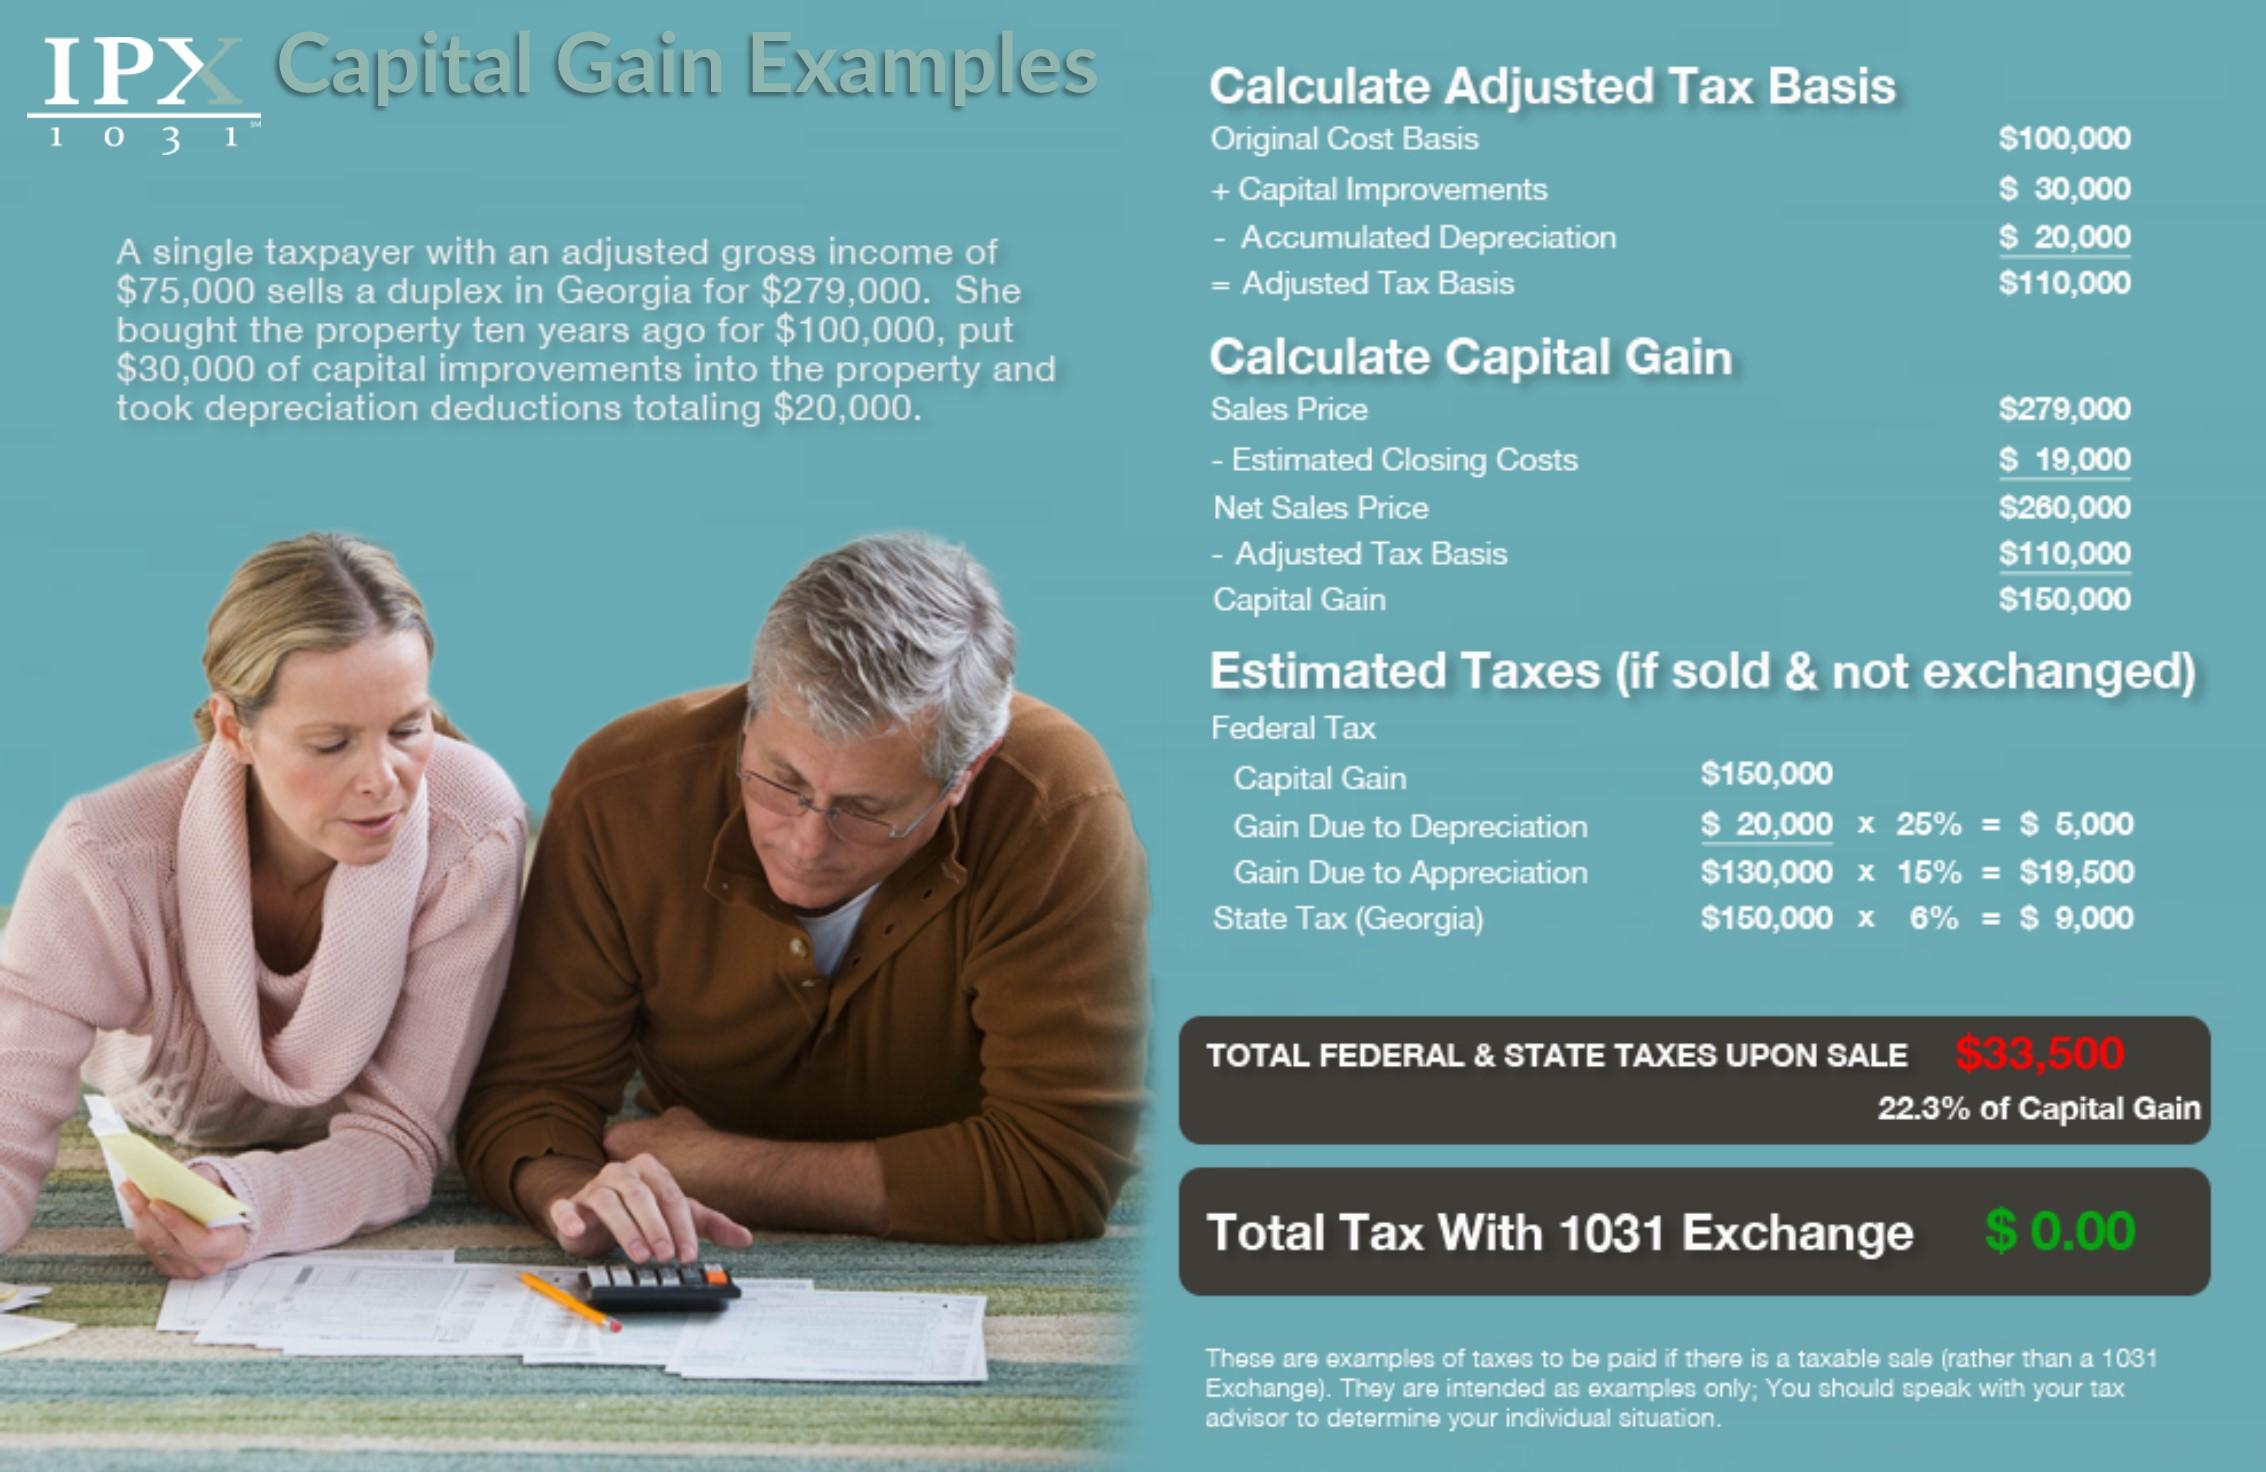 1031 exchange gain calculator